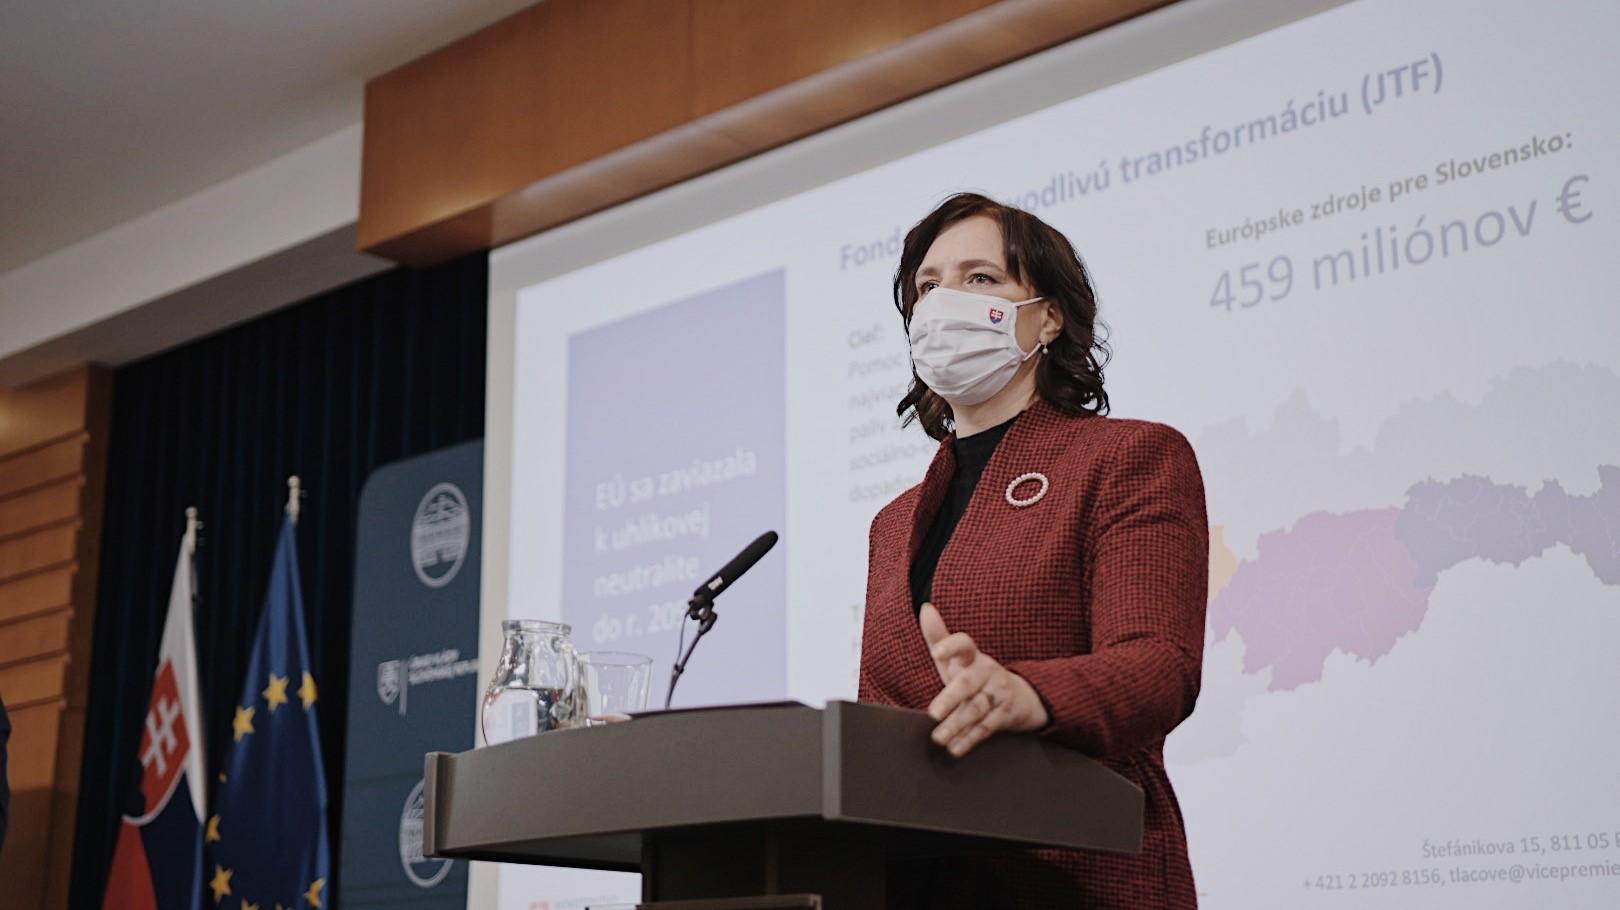 459 miliónov eur pre hornú Nitru a ďalšie tri regióny: Vicepremiérka Remišová predstavila Plán spravodlivej transformácie